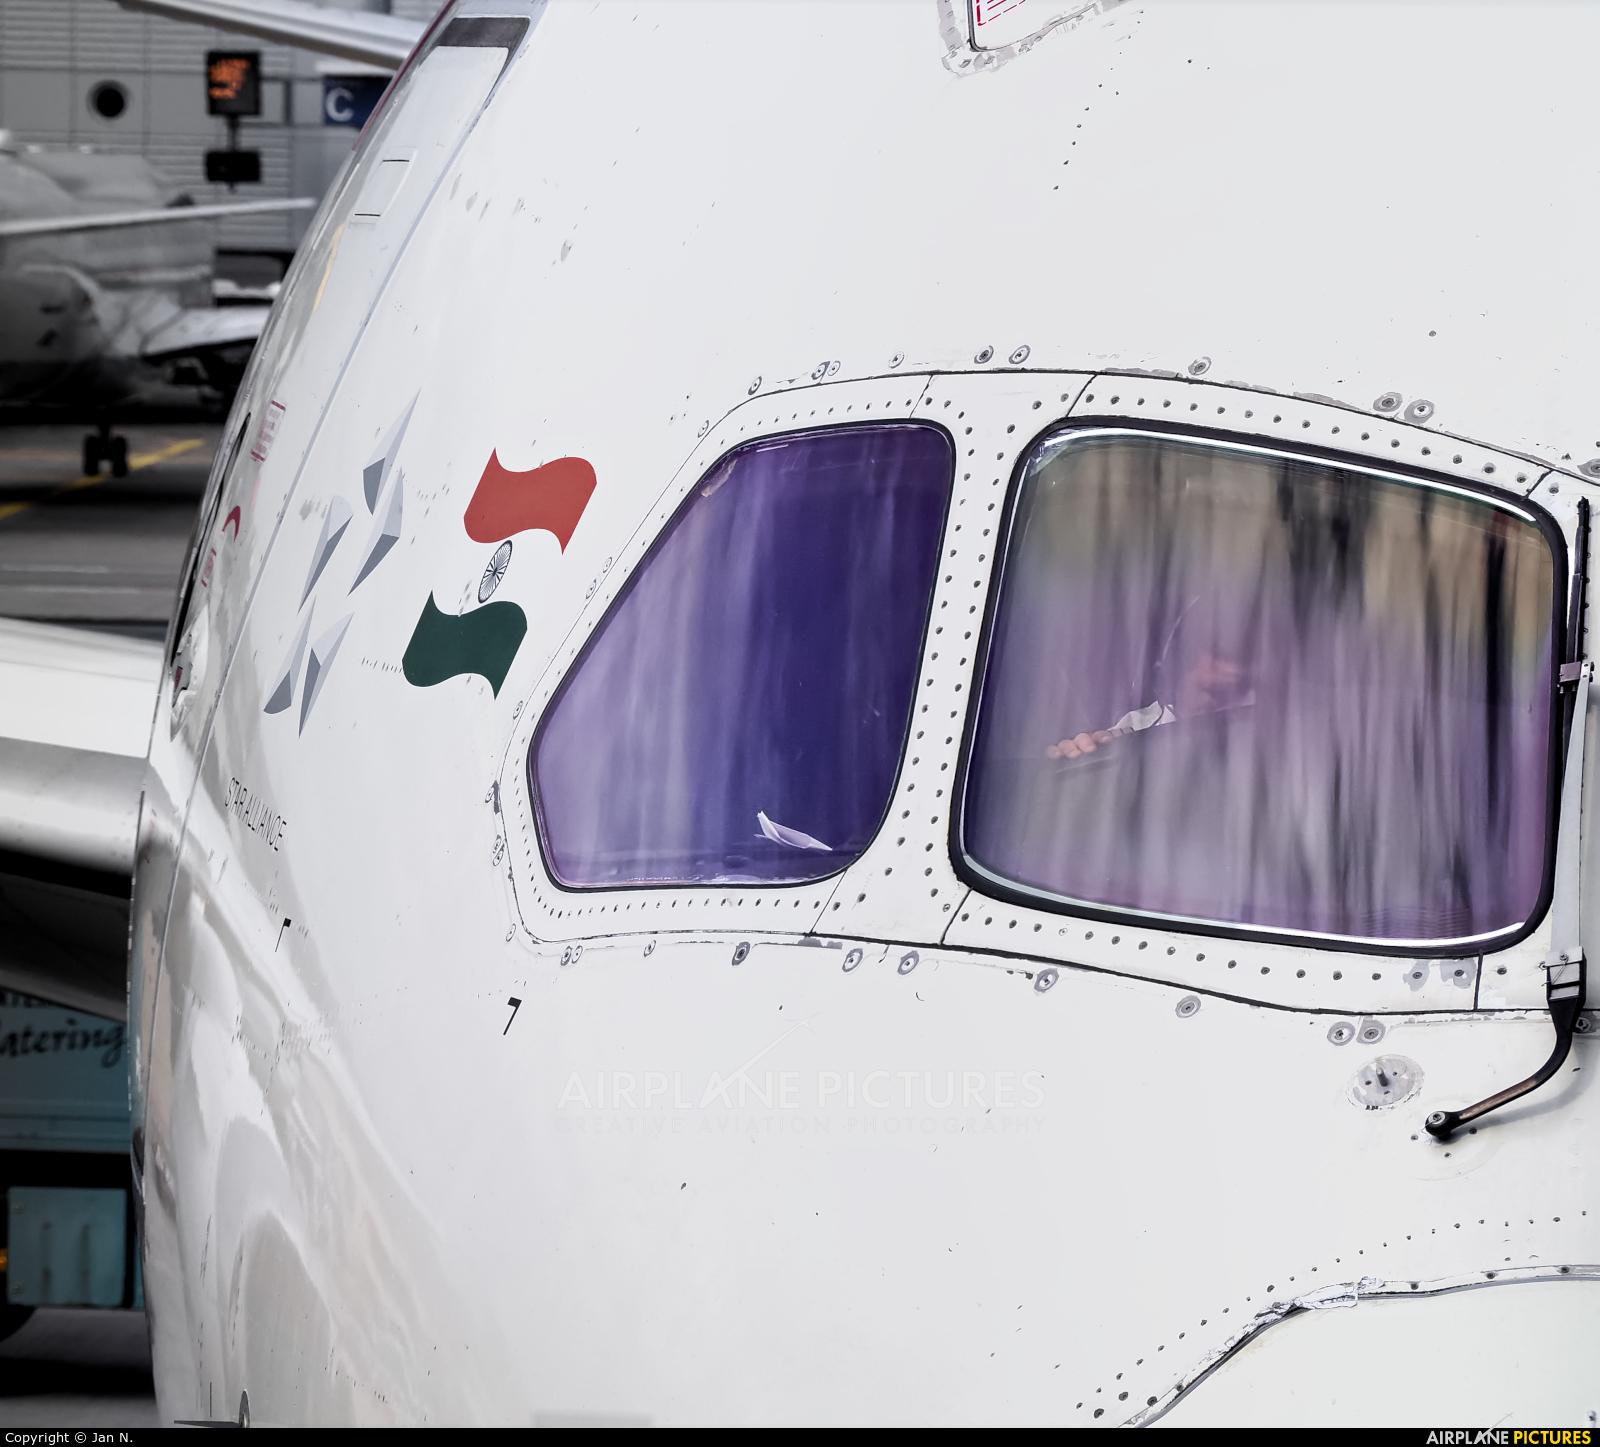 Air India VT-ANL aircraft at Frankfurt